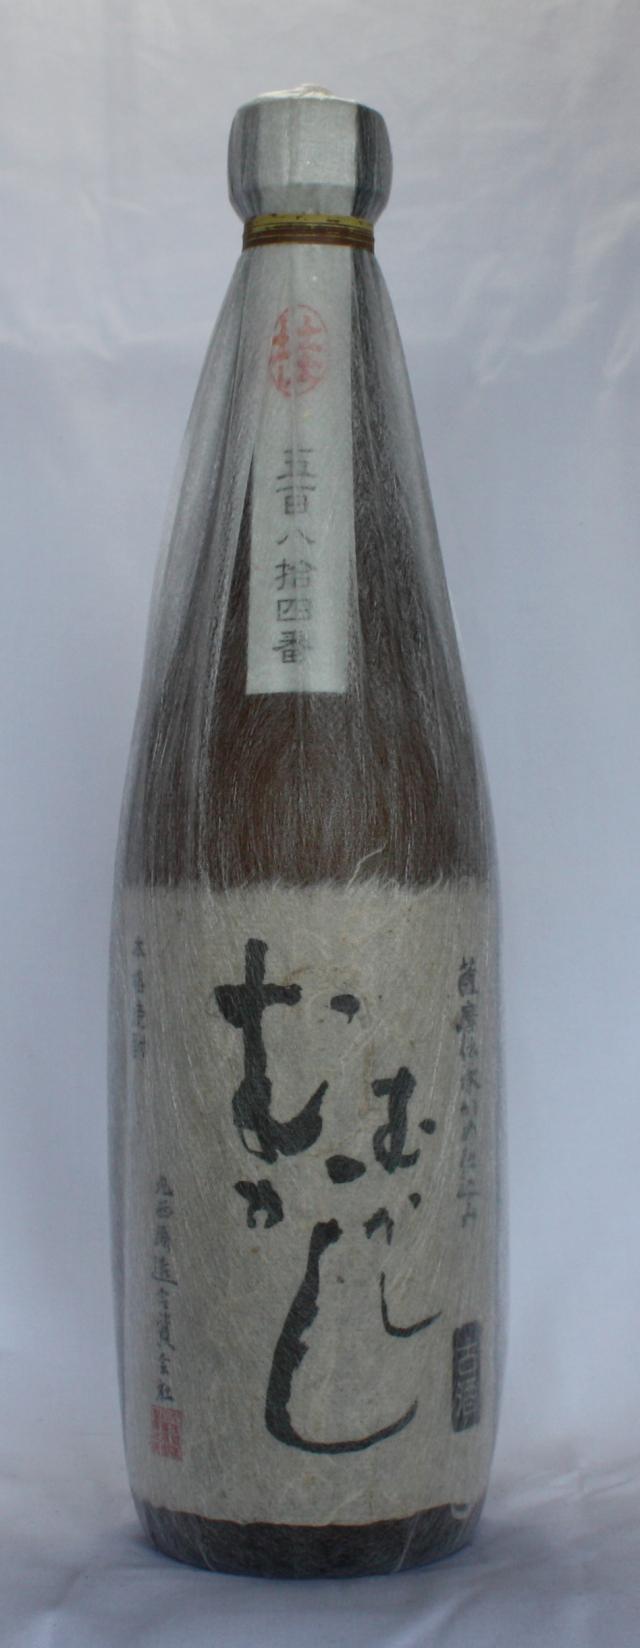 むかしむかし 25度 720ml 芋焼酎 丸西酒造 長期貯蔵焼酎 古酒